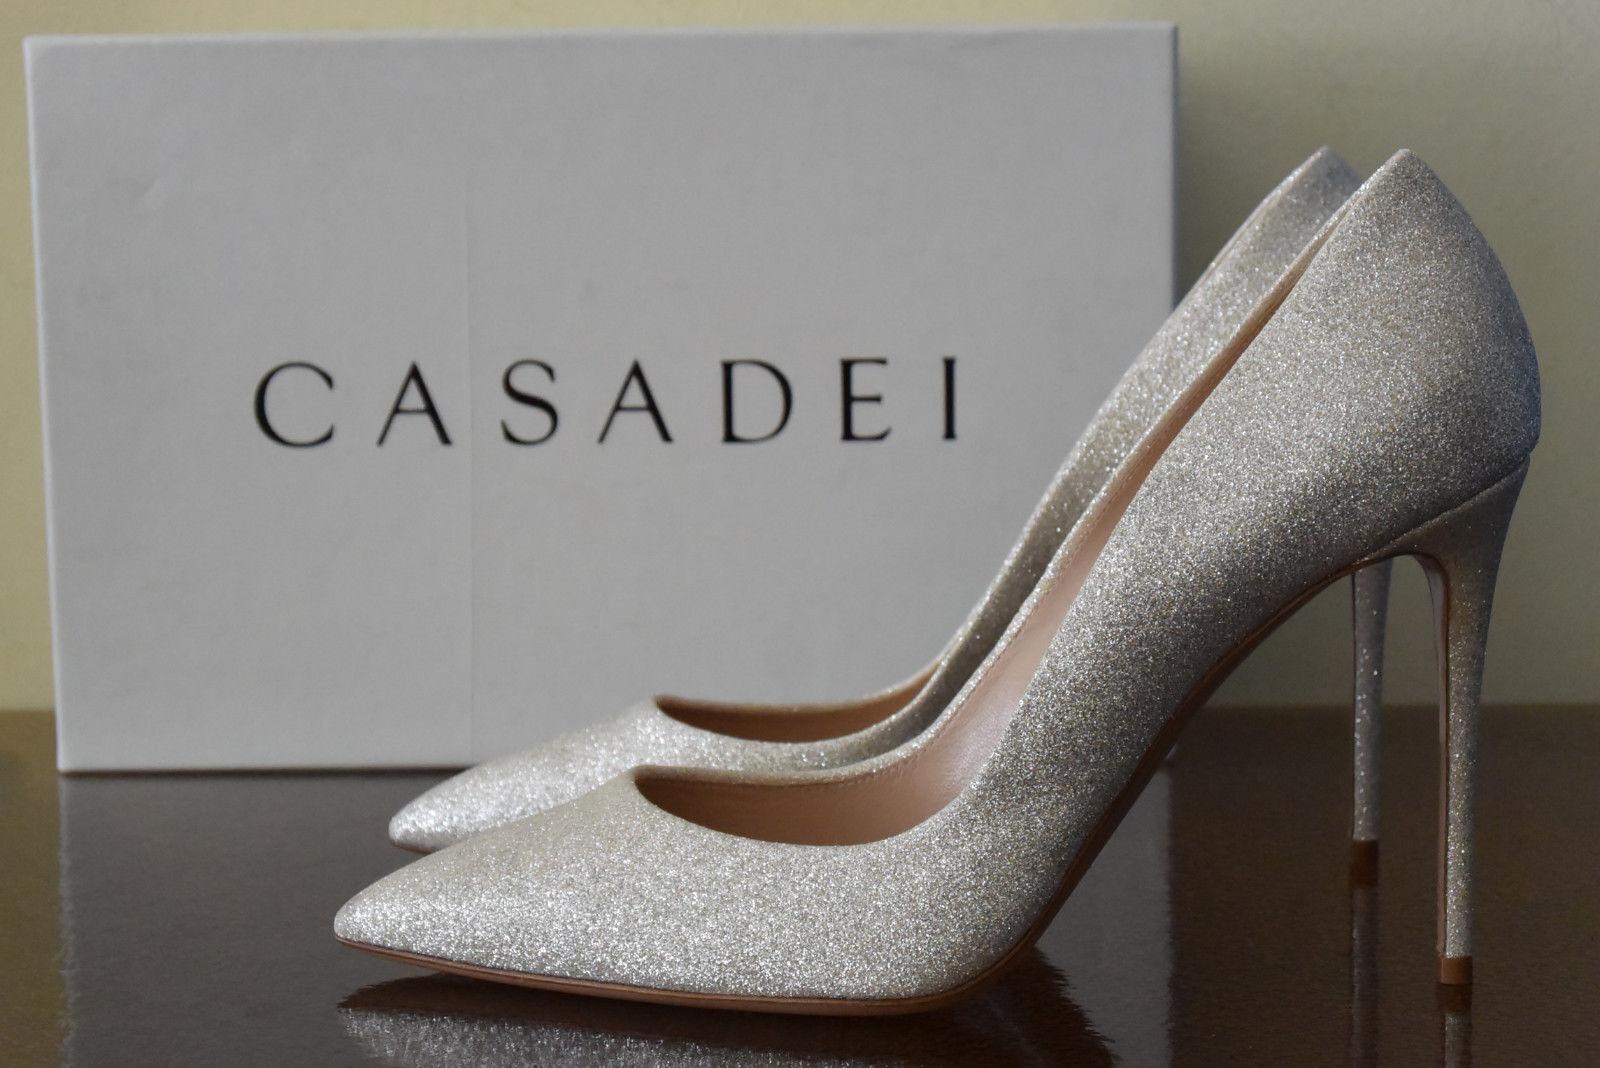 marchio in liquidazione Casadei Casadei Casadei HOLLYWOOD High Heels Platino Sz 9.5 (39.5)  nelle promozioni dello stadio